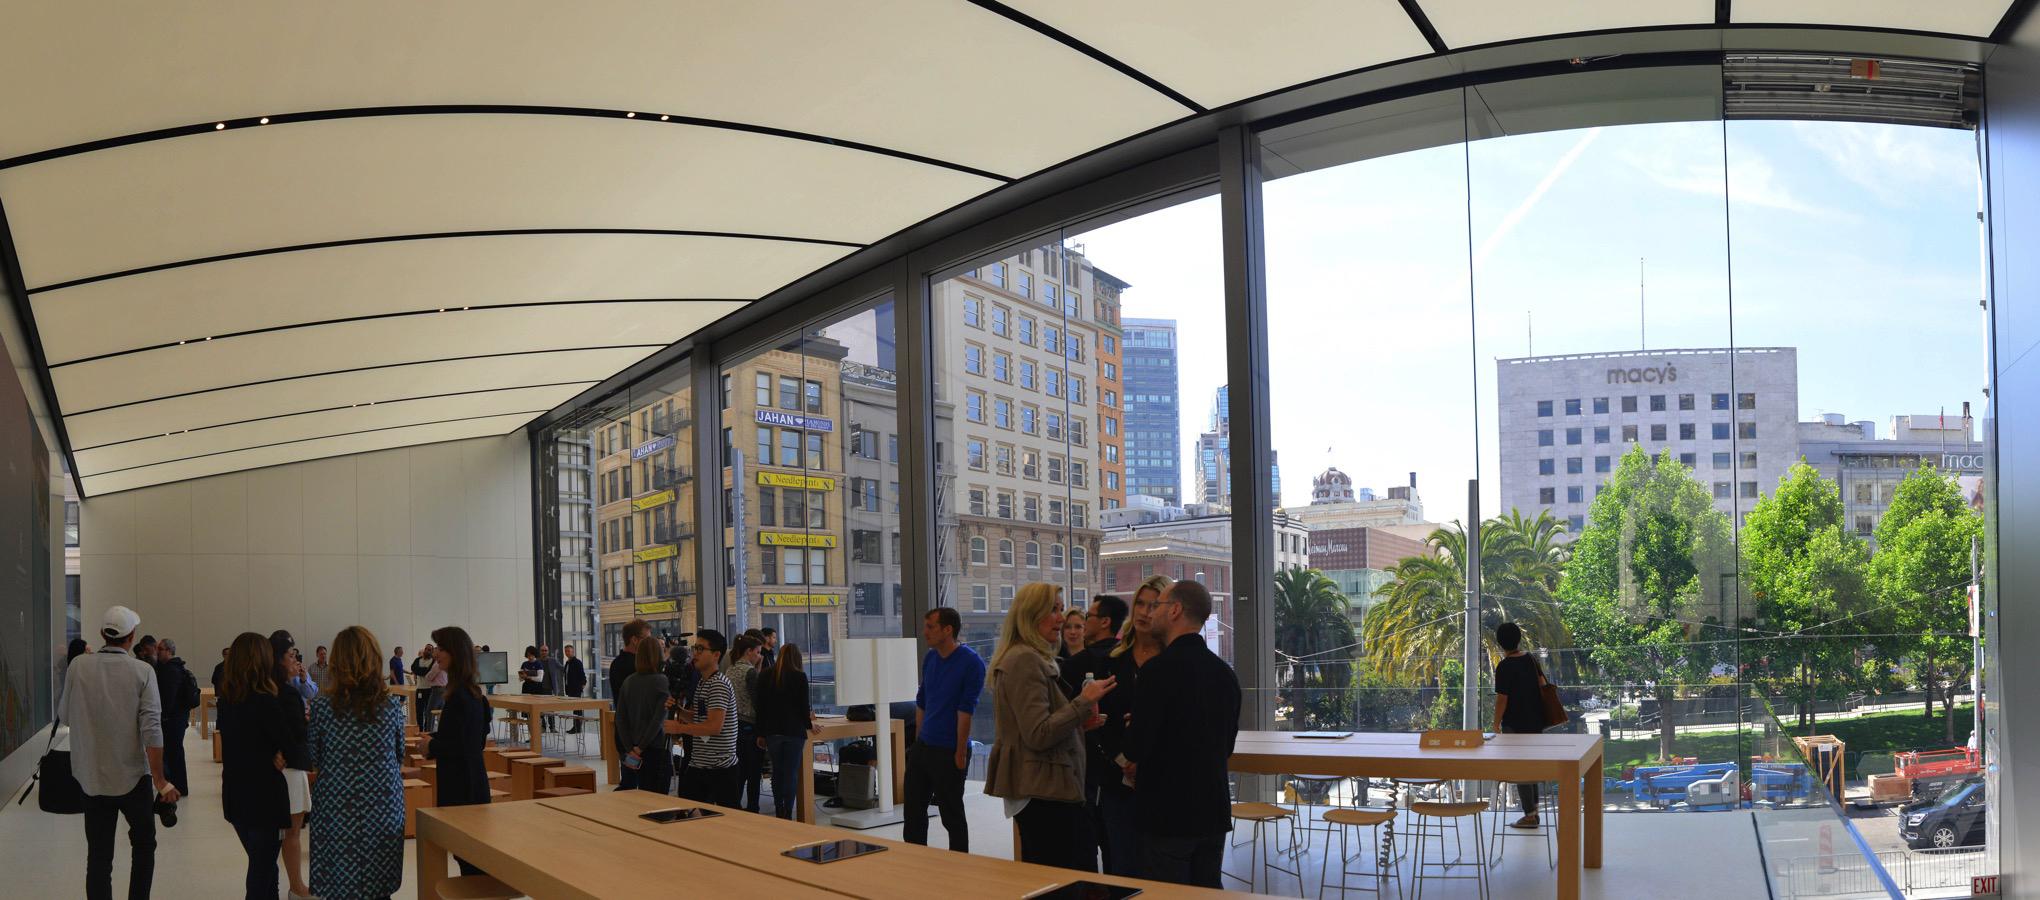 Apple-store-sf-flagship-nick_statt-1_0